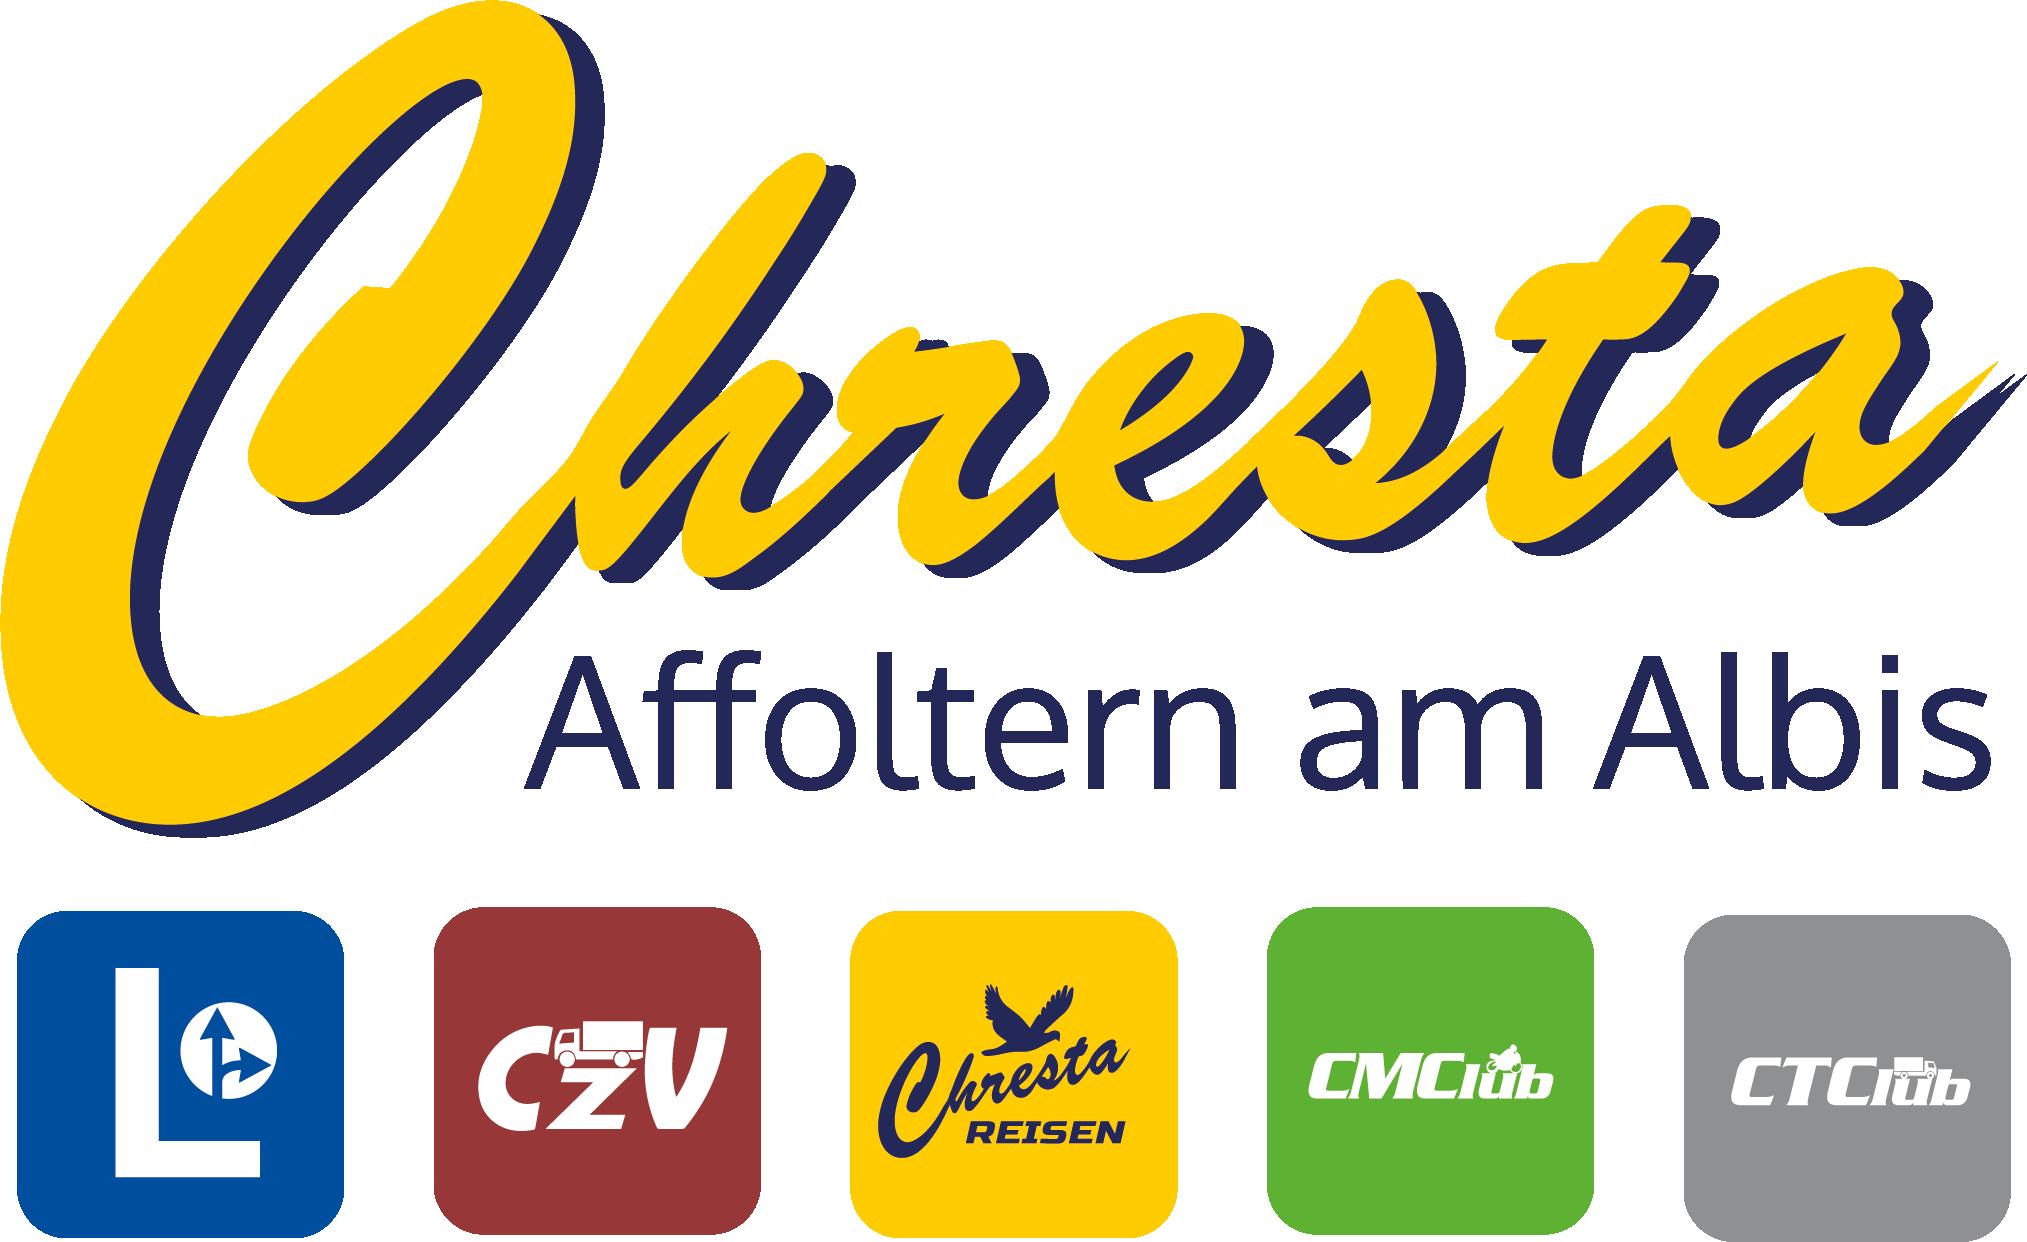 Chresta Fahrschule